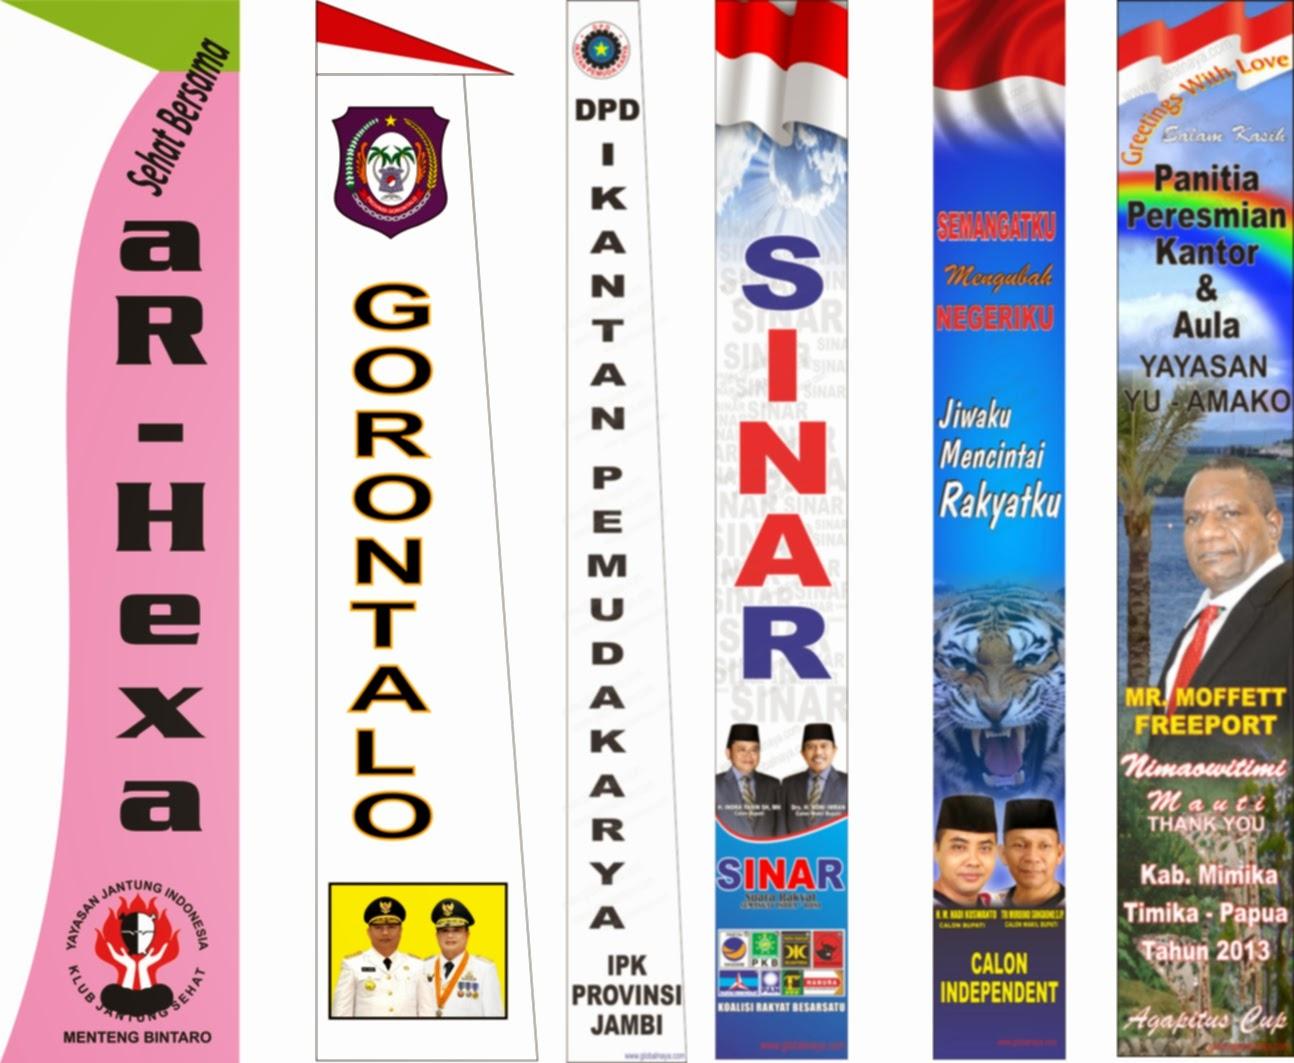 Contoh Umbul Umbul Partai Dan Caleg 2014 Maha Karya Advertising